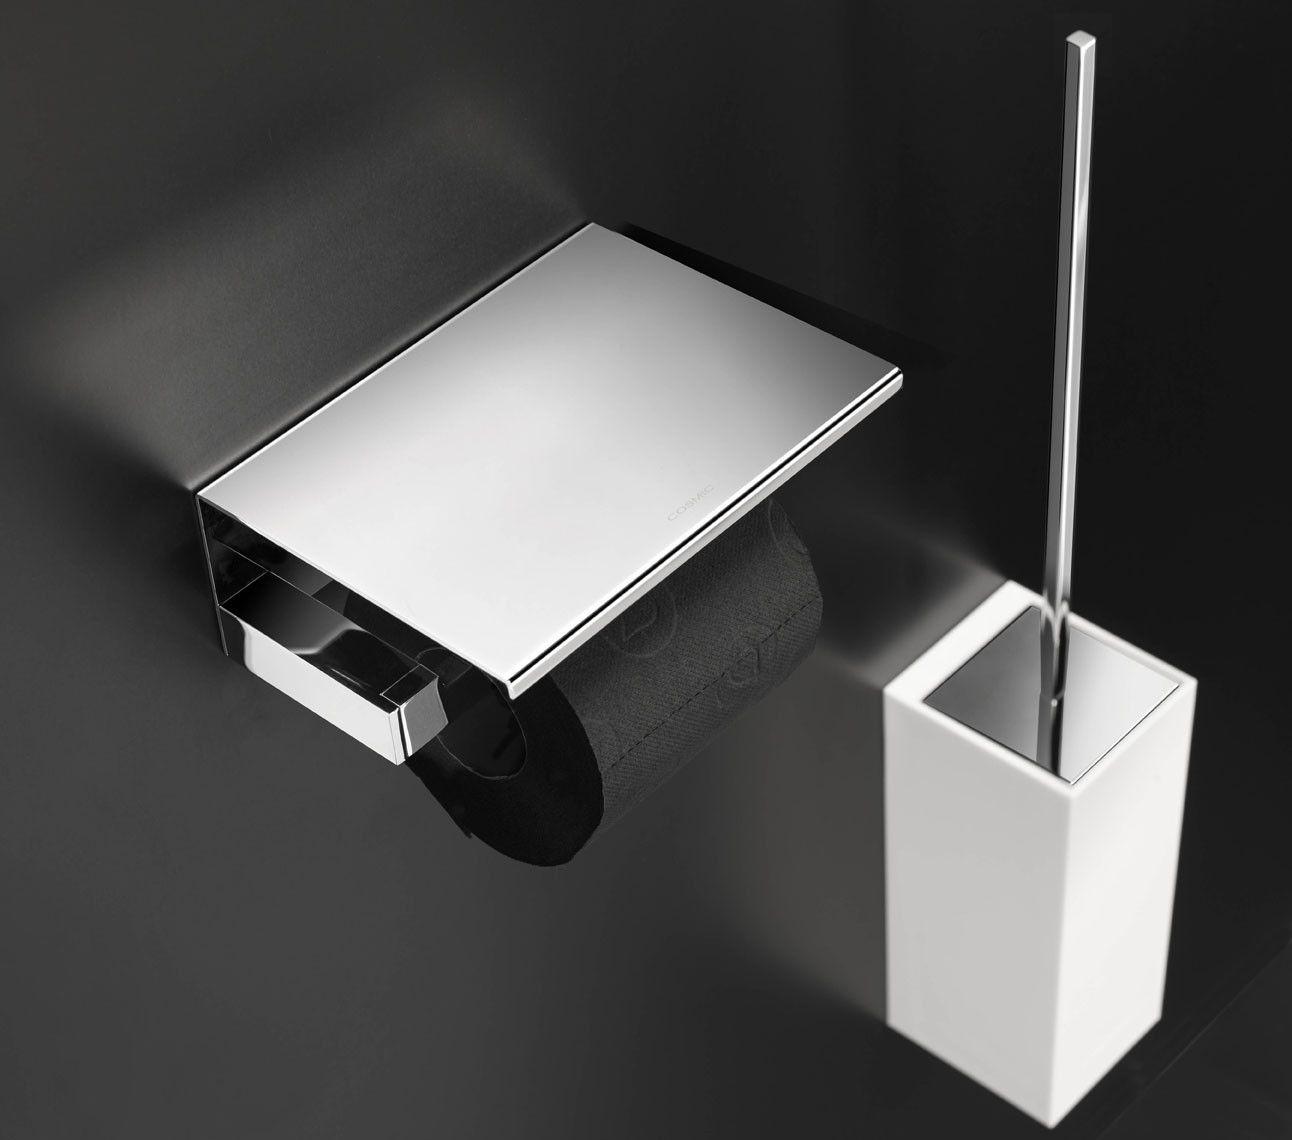 Bath Life By Cosmic Archello Bath Bathroom Accessories